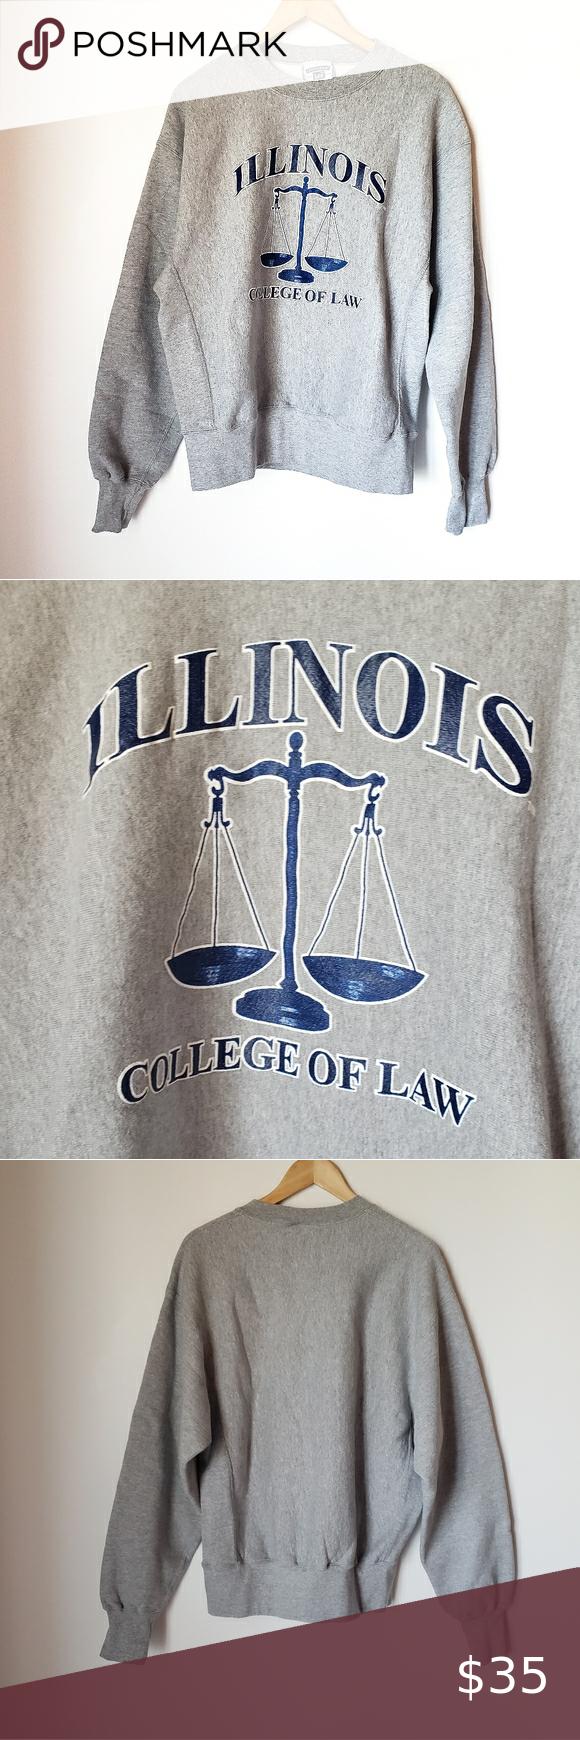 Illinois College Of Law College Crew Neck Sweater In 2020 Crew Neck Sweater Sweaters School Sweatshirts [ 1740 x 580 Pixel ]